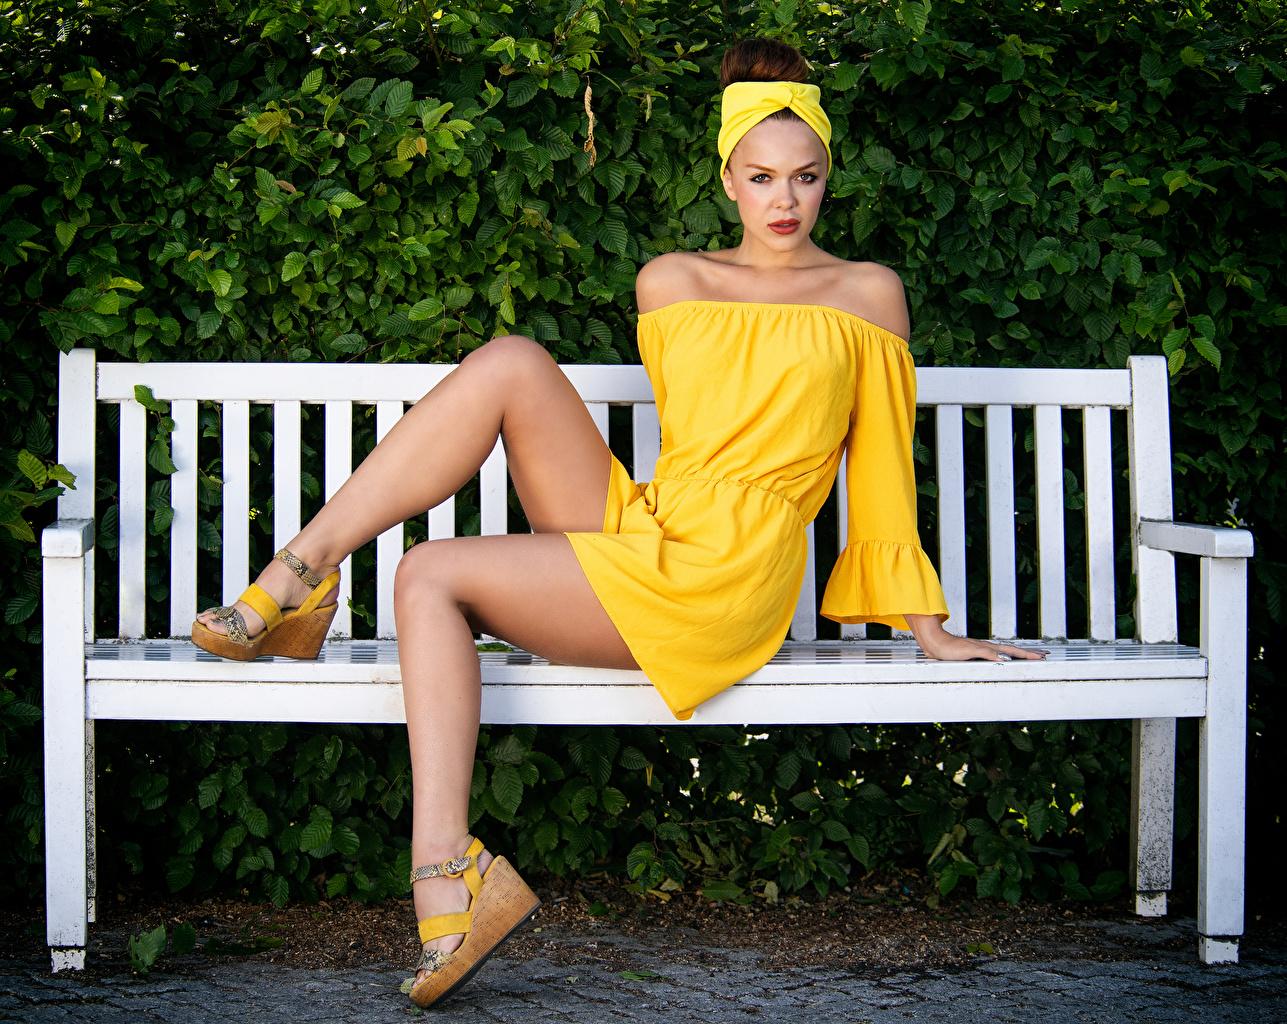 Fotos Olga Maria Veide Mädchens Bein sitzt Bank (Möbel) Blick Kleid junge frau junge Frauen sitzen Sitzend Starren